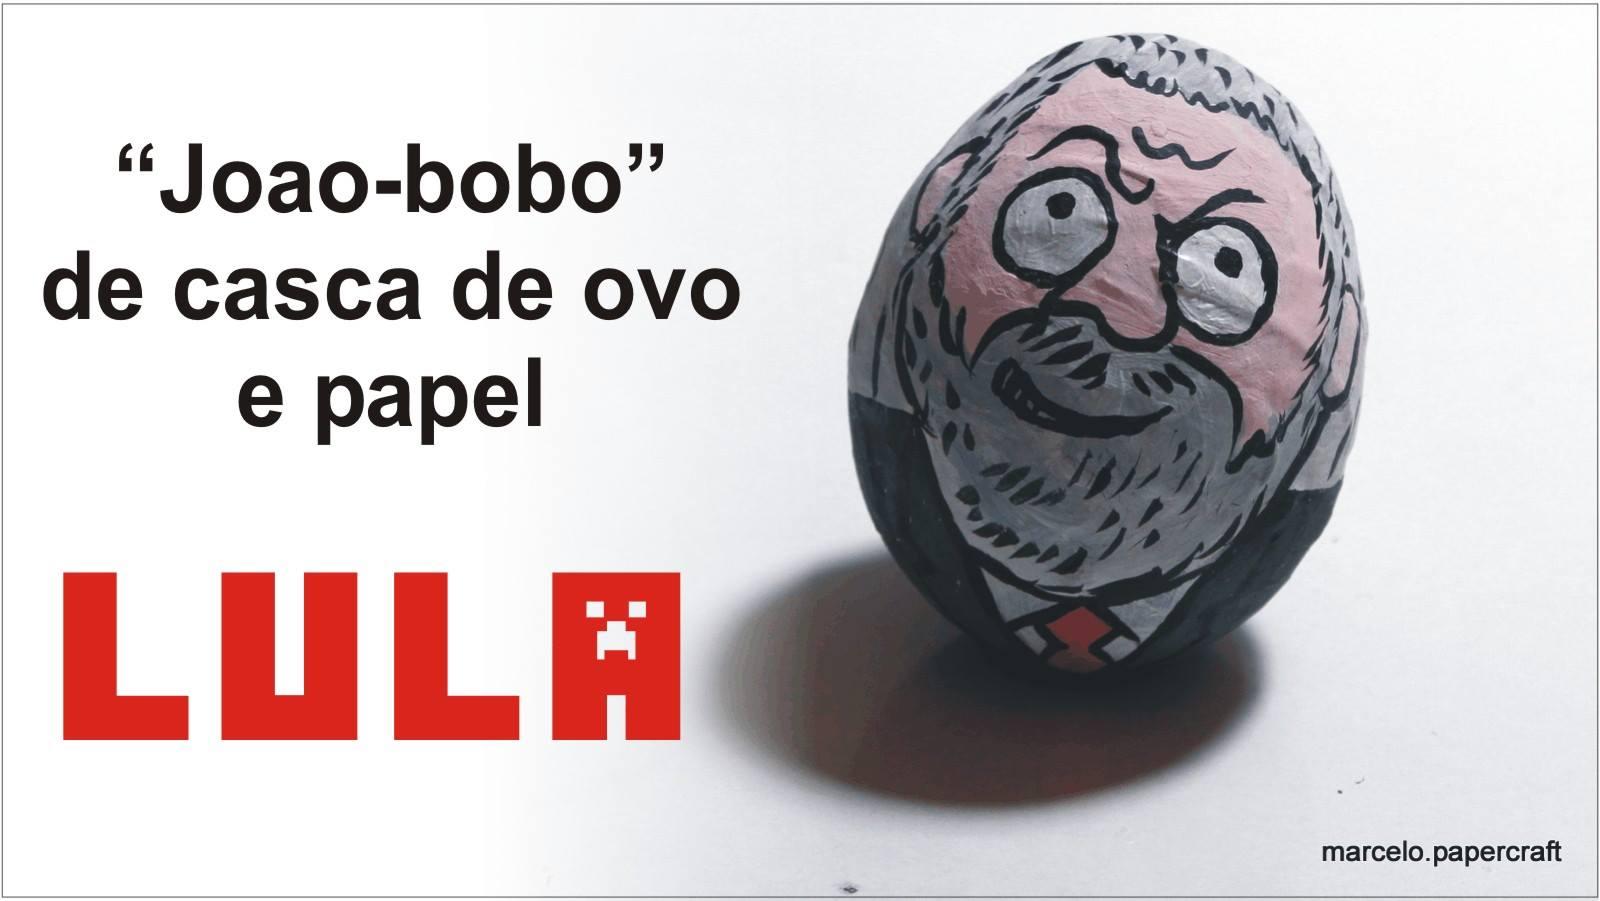 Lula João Bobo, feito de casca de ovo